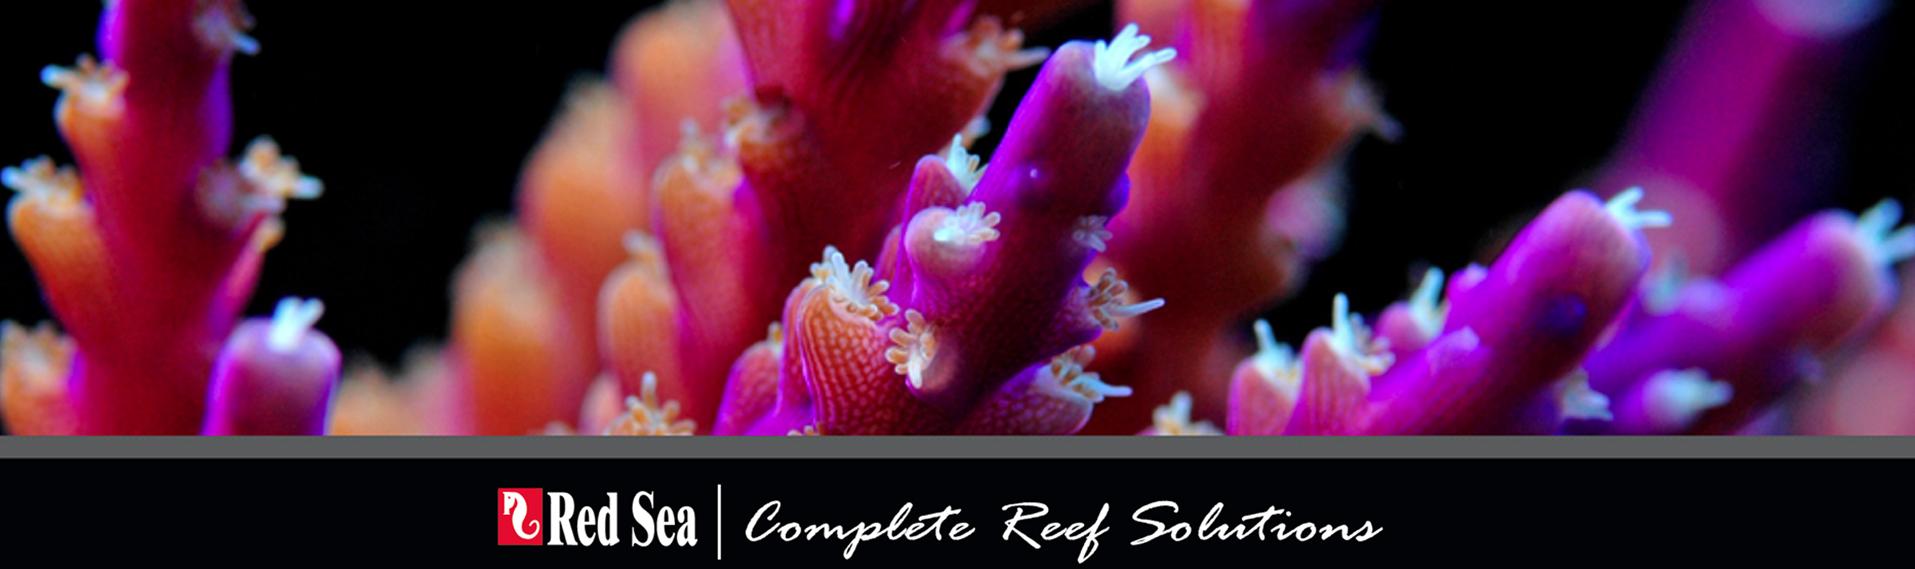 redsea-imagen-1